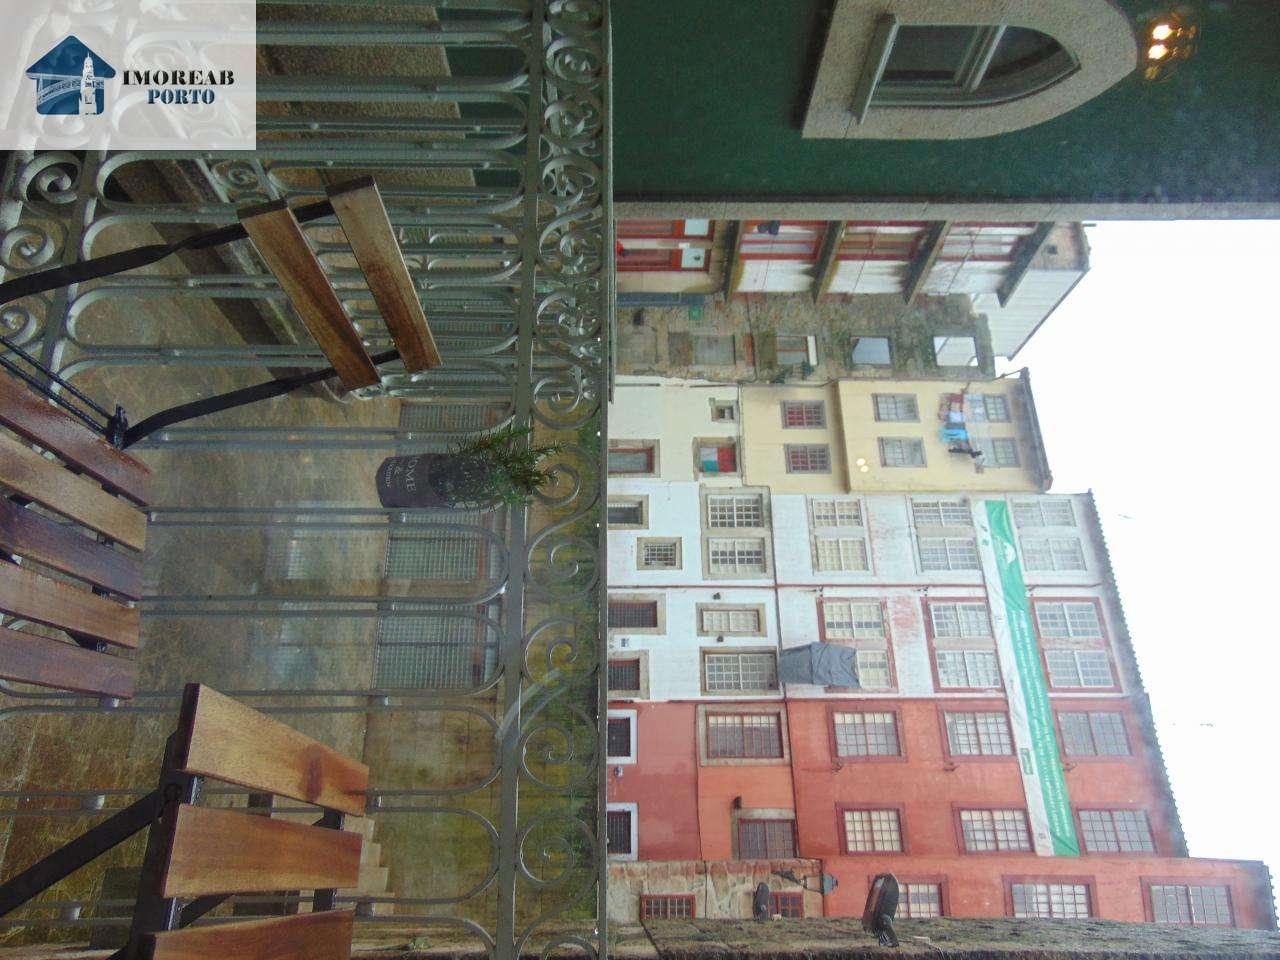 Apartamento para comprar, Cedofeita, Santo Ildefonso, Sé, Miragaia, São Nicolau e Vitória, Porto - Foto 22